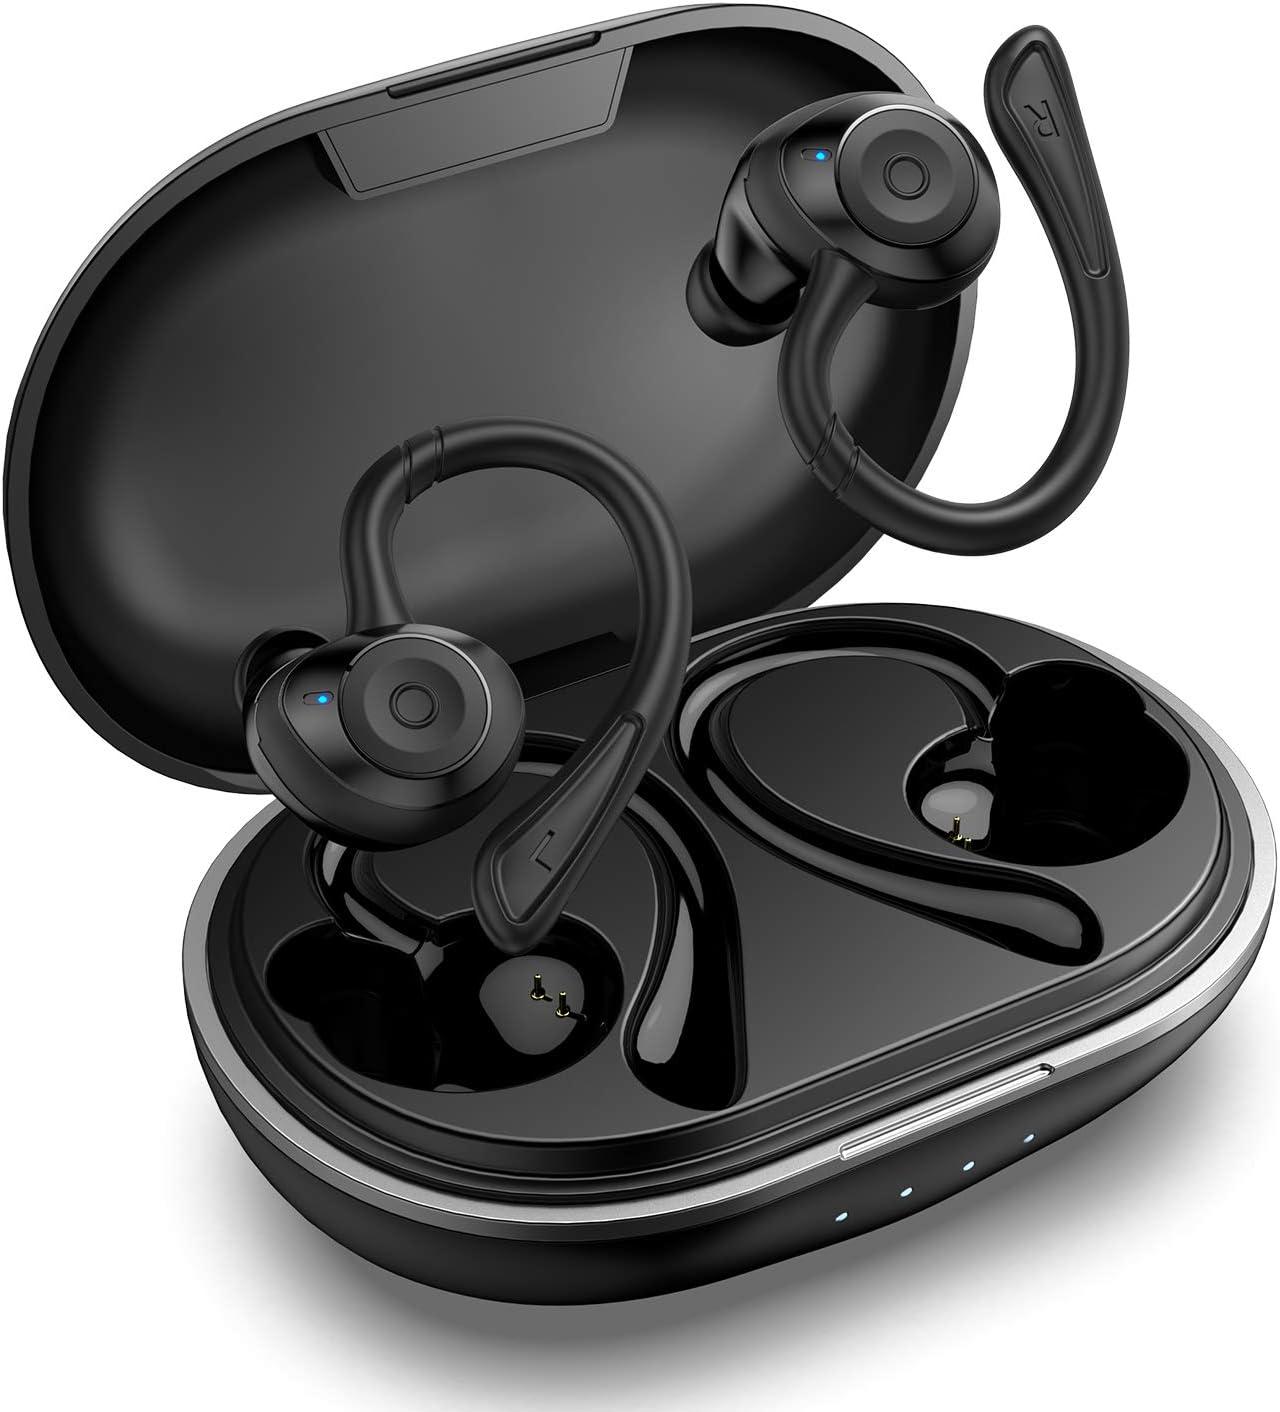 HolyHigh Auriculares Inalambricos Bluetooth 5.0 IPX7 Impermeable In-Ear Auriculares Deportivos con Cancelación de Ruido 6+30H Tiempo de Reprodución Sonido Estéreo con Microfono Incorporado